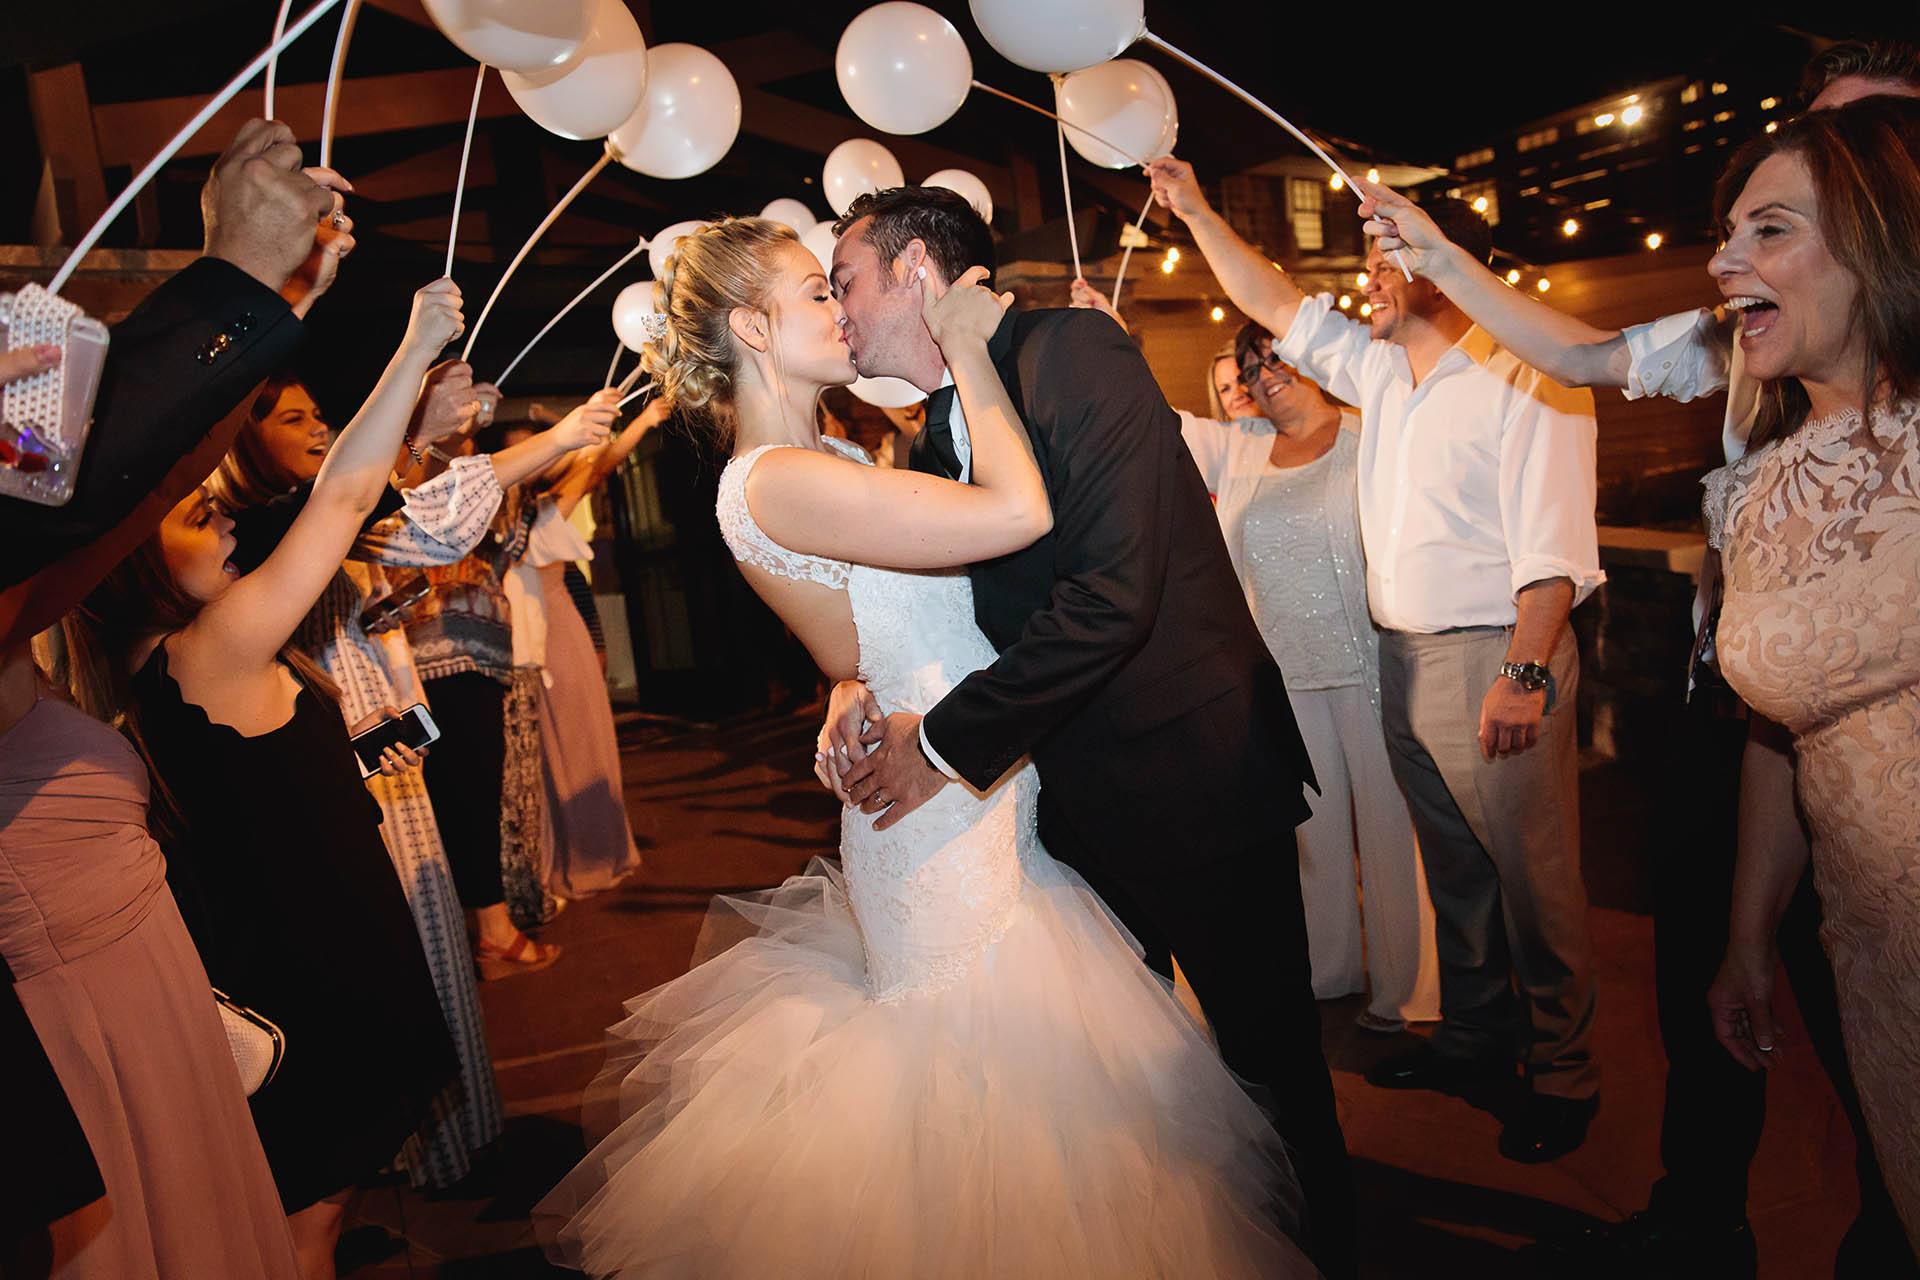 Real Wedding At Wedgewood Weddings Boulder Creek Colorado